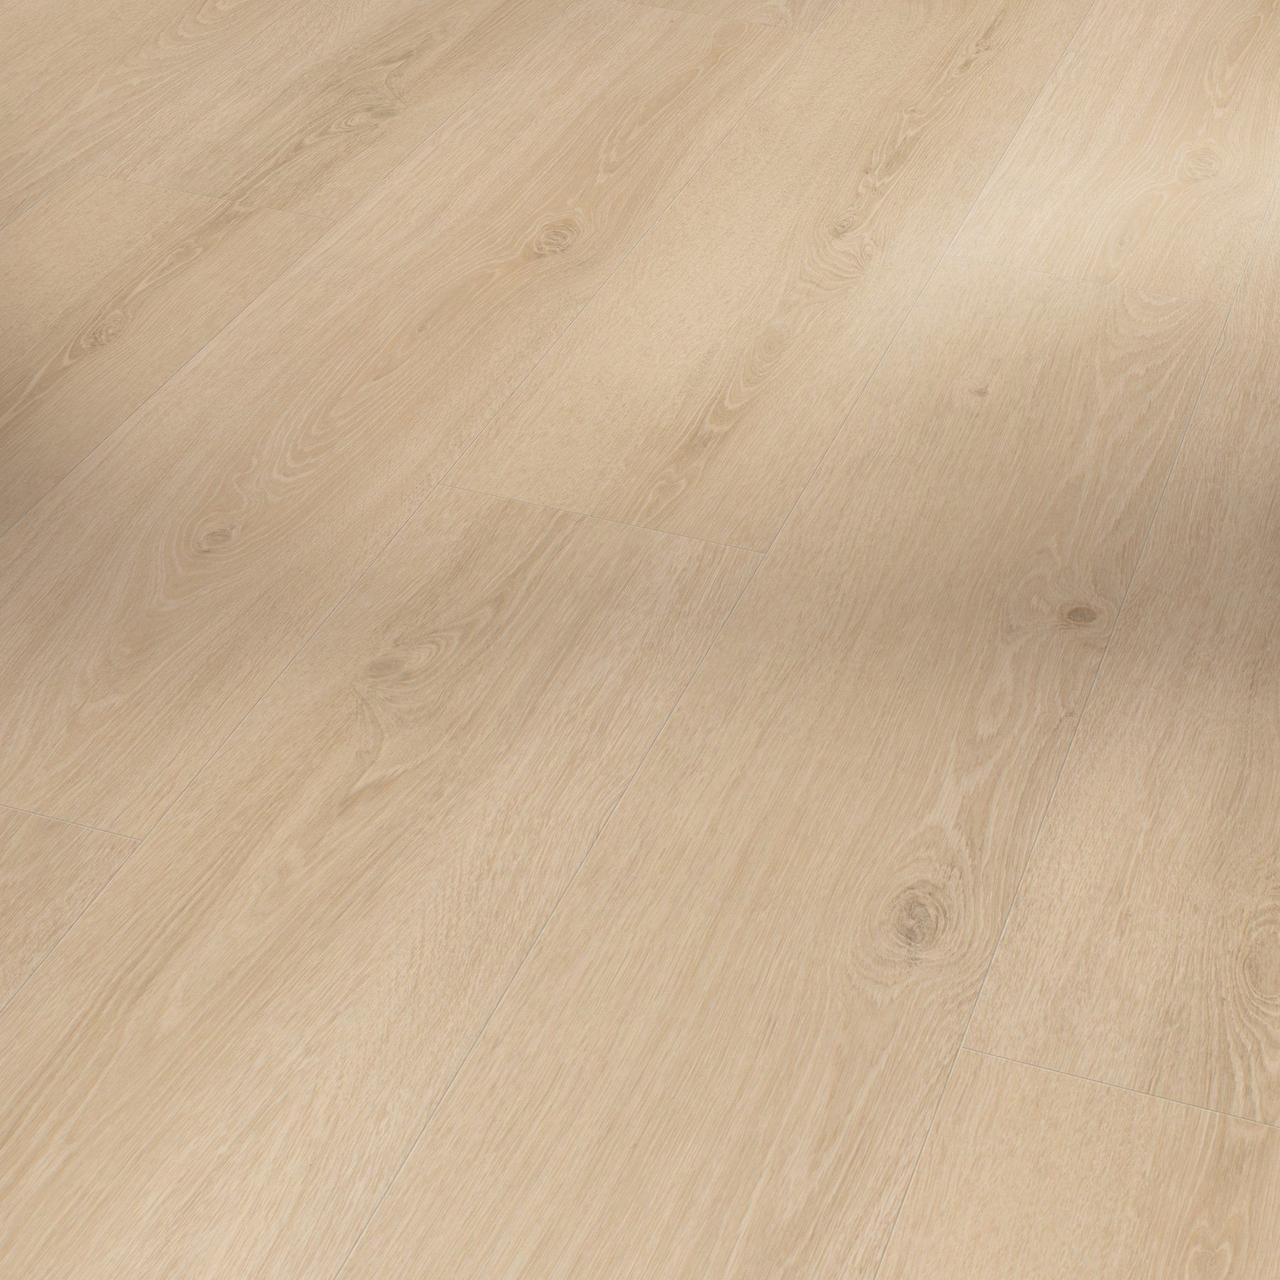 Виниловые покрытия Parador Дуб Студиолайн песчаный (Oak Studioline sanded)